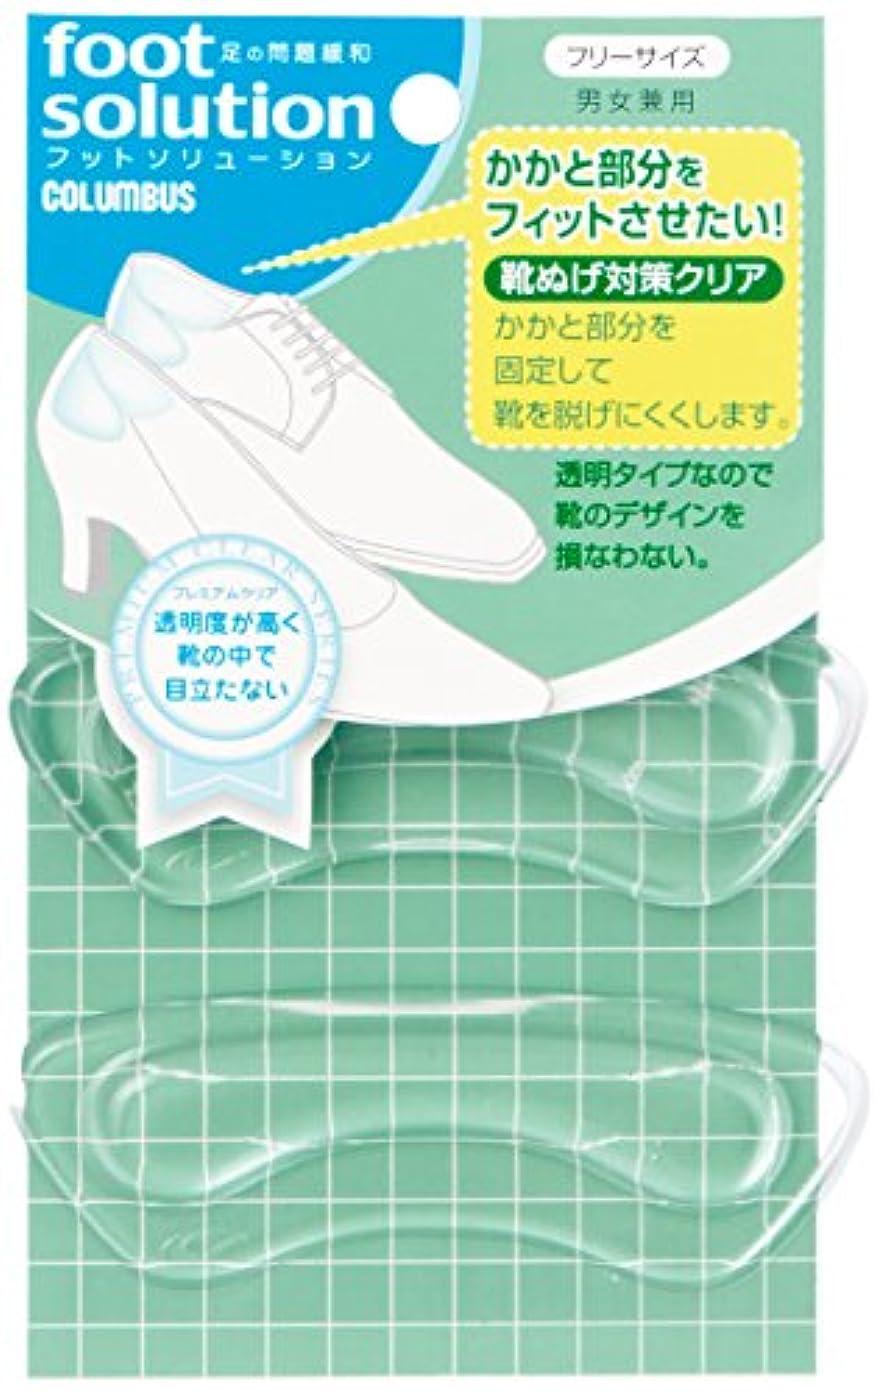 表面マッシュ快適コロンブス Foot Solution 女性用フリーサイズ